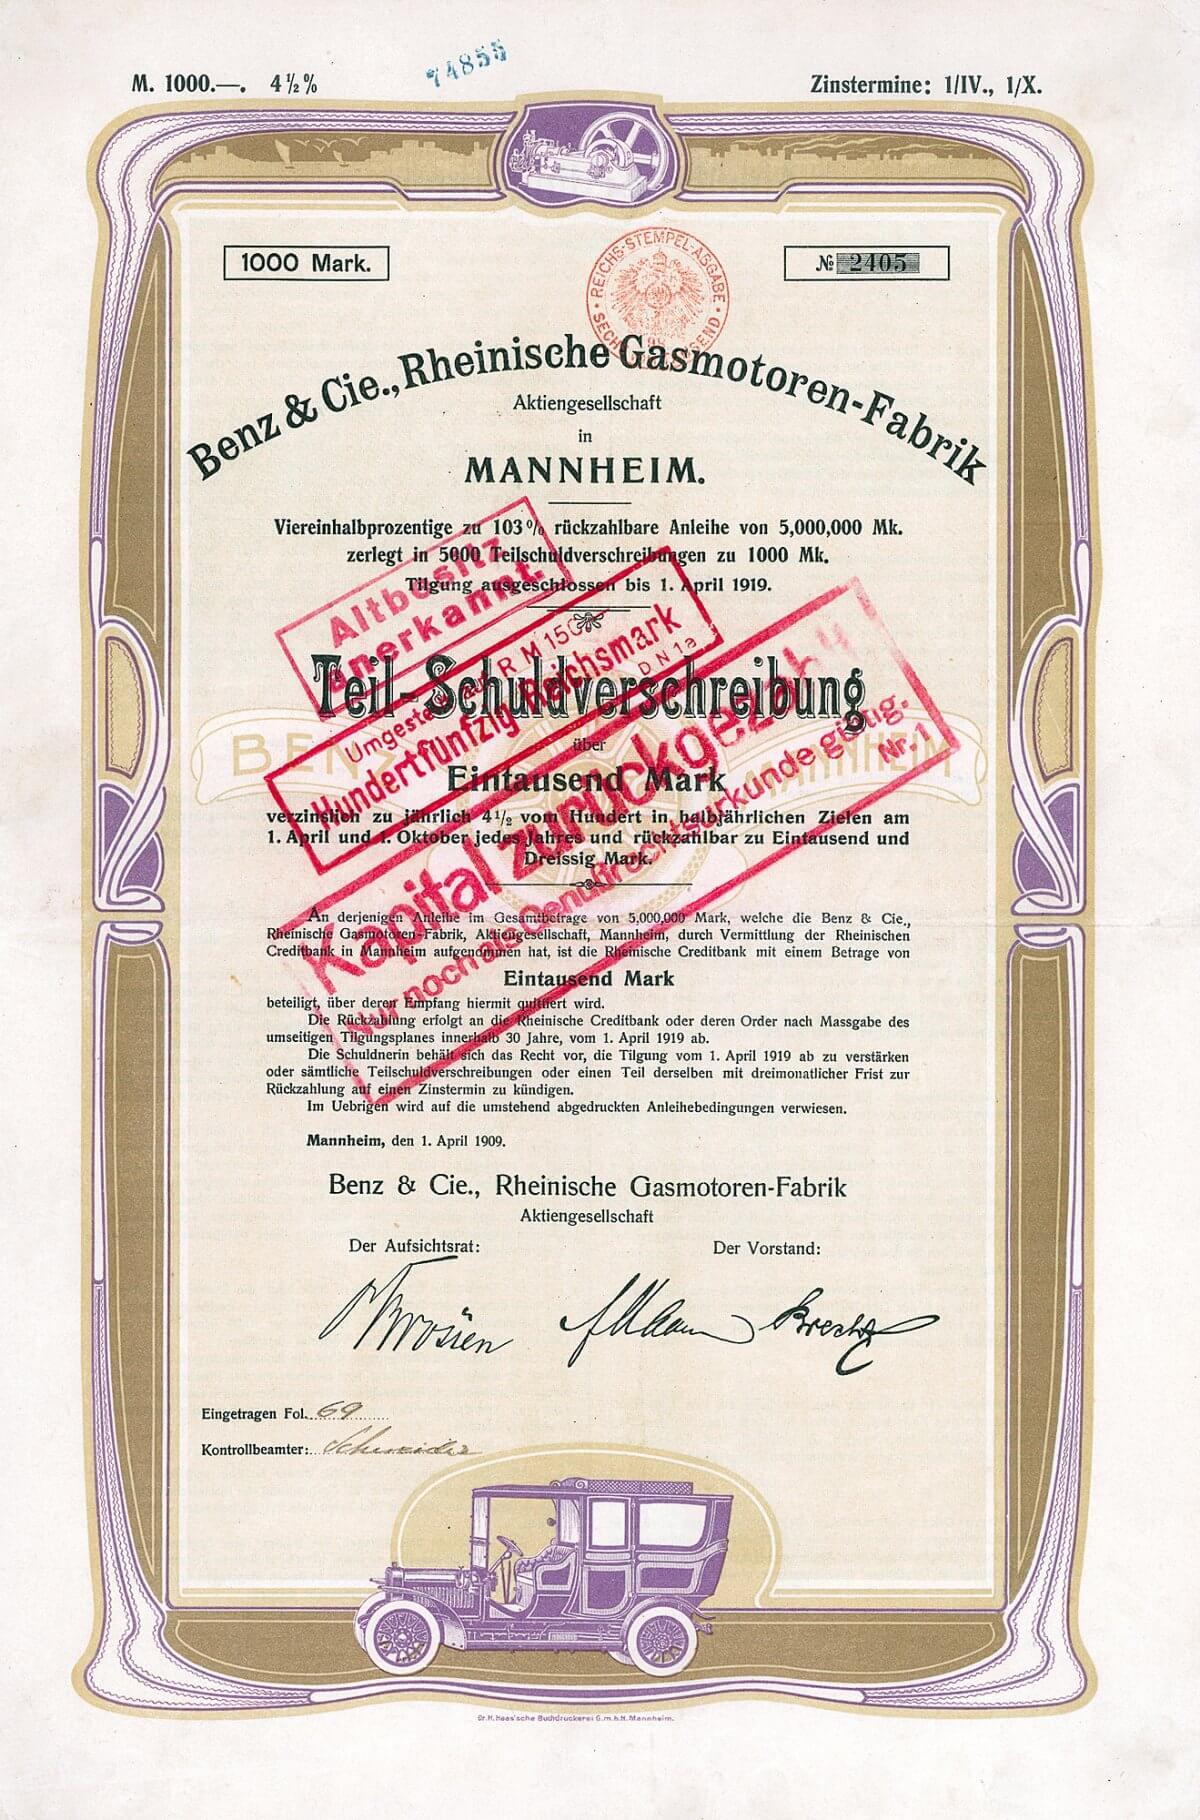 Benz & Cie. Rheinische Gasmotoren-Fabrik AG, Mannheim, Anleihe über 1000 Mark von 1909. Gründung des Unternehmens 1883 durch Carl Benz (im gleichen Jahr konstruiert Gottlieb Daimler den ersten Fahrzeugmotor und erhält auf diesen schnelllaufenden Verbrennungsmotor ein Patent). 1885 entsteht mit dem Benz-Wagen das erste praktisch brauchbare und entwicklungsfähige Automobil der Welt. 1888 erhält Carl Benz für seinen Motorwagen auf der Gewerbe- und Industrie-Ausstellung in München die Goldene Medaille. 1889 sieht man Benz- und Daimler-Wagen auf der Weltausstellung in Paris. 1899 wandelt Carl Benz sein Unternehmen in eine Aktiengesellschaft um.